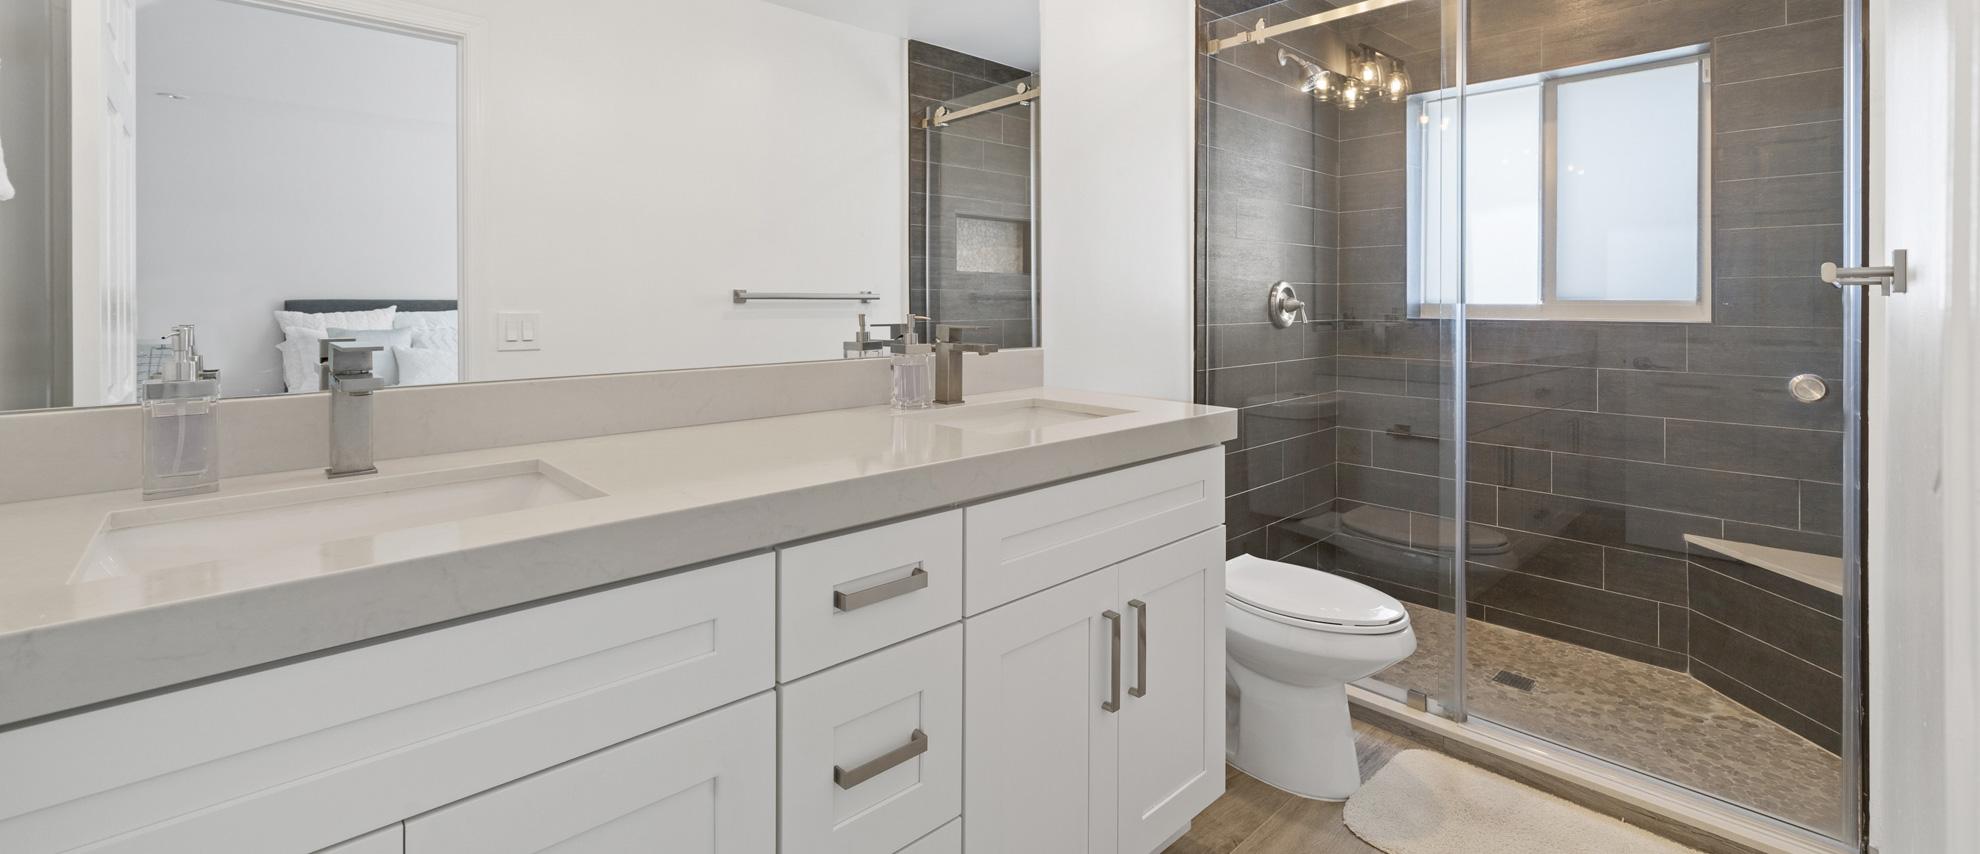 slide-bathroom-remodeling